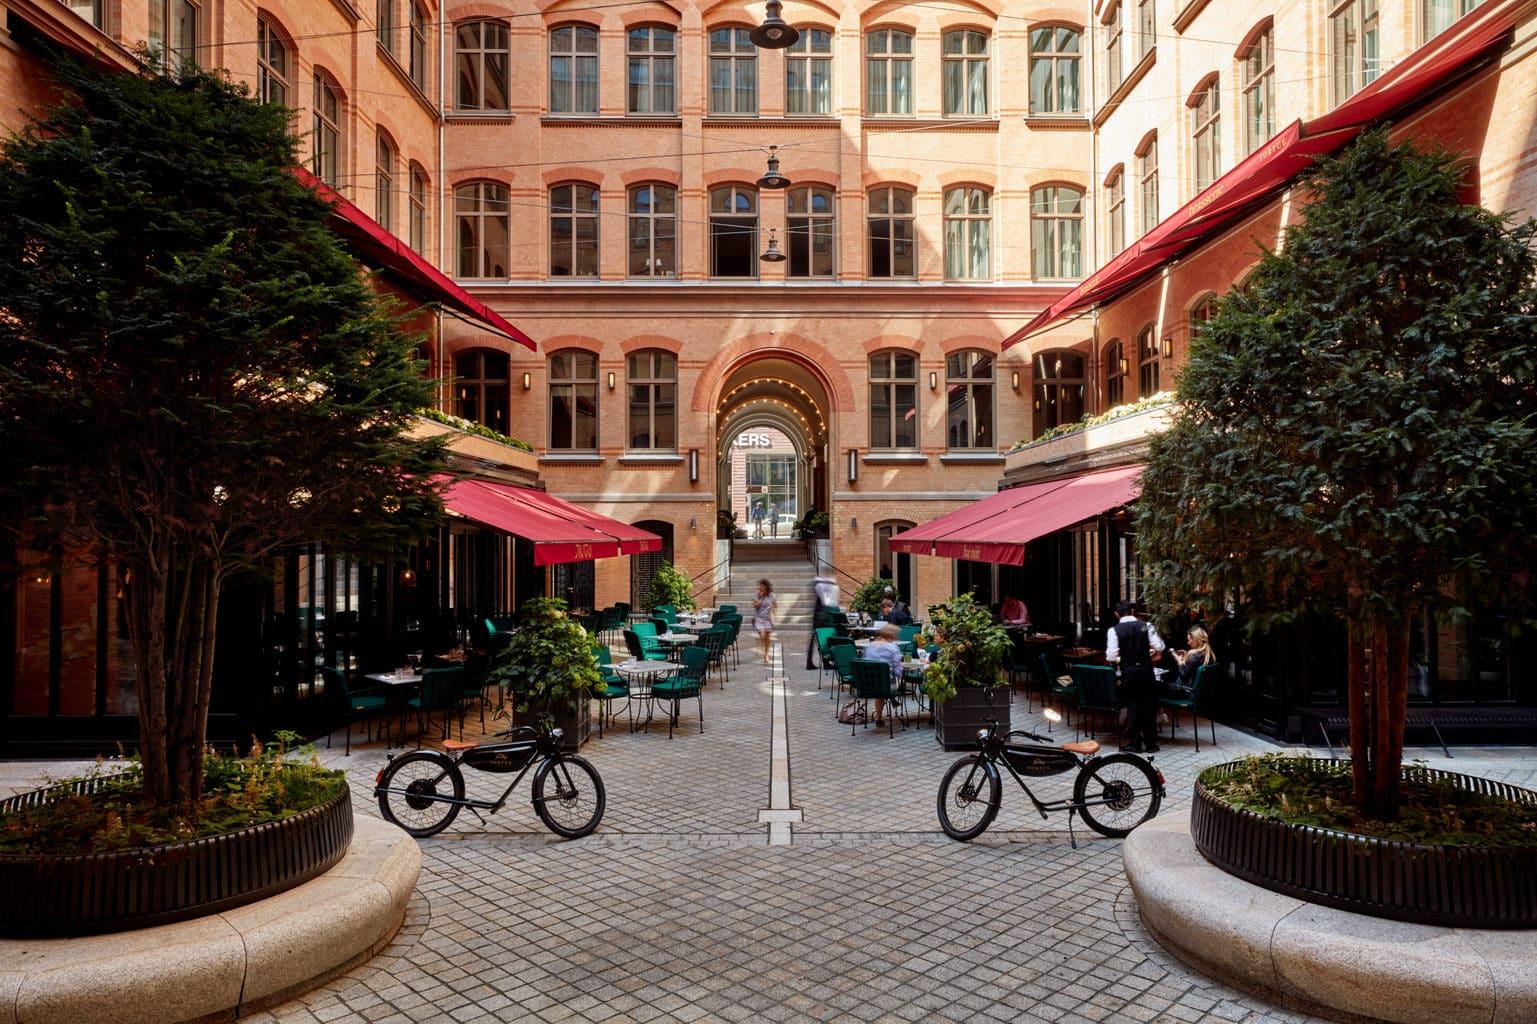 Het binnenhof van hotel Tortue in Hamburg